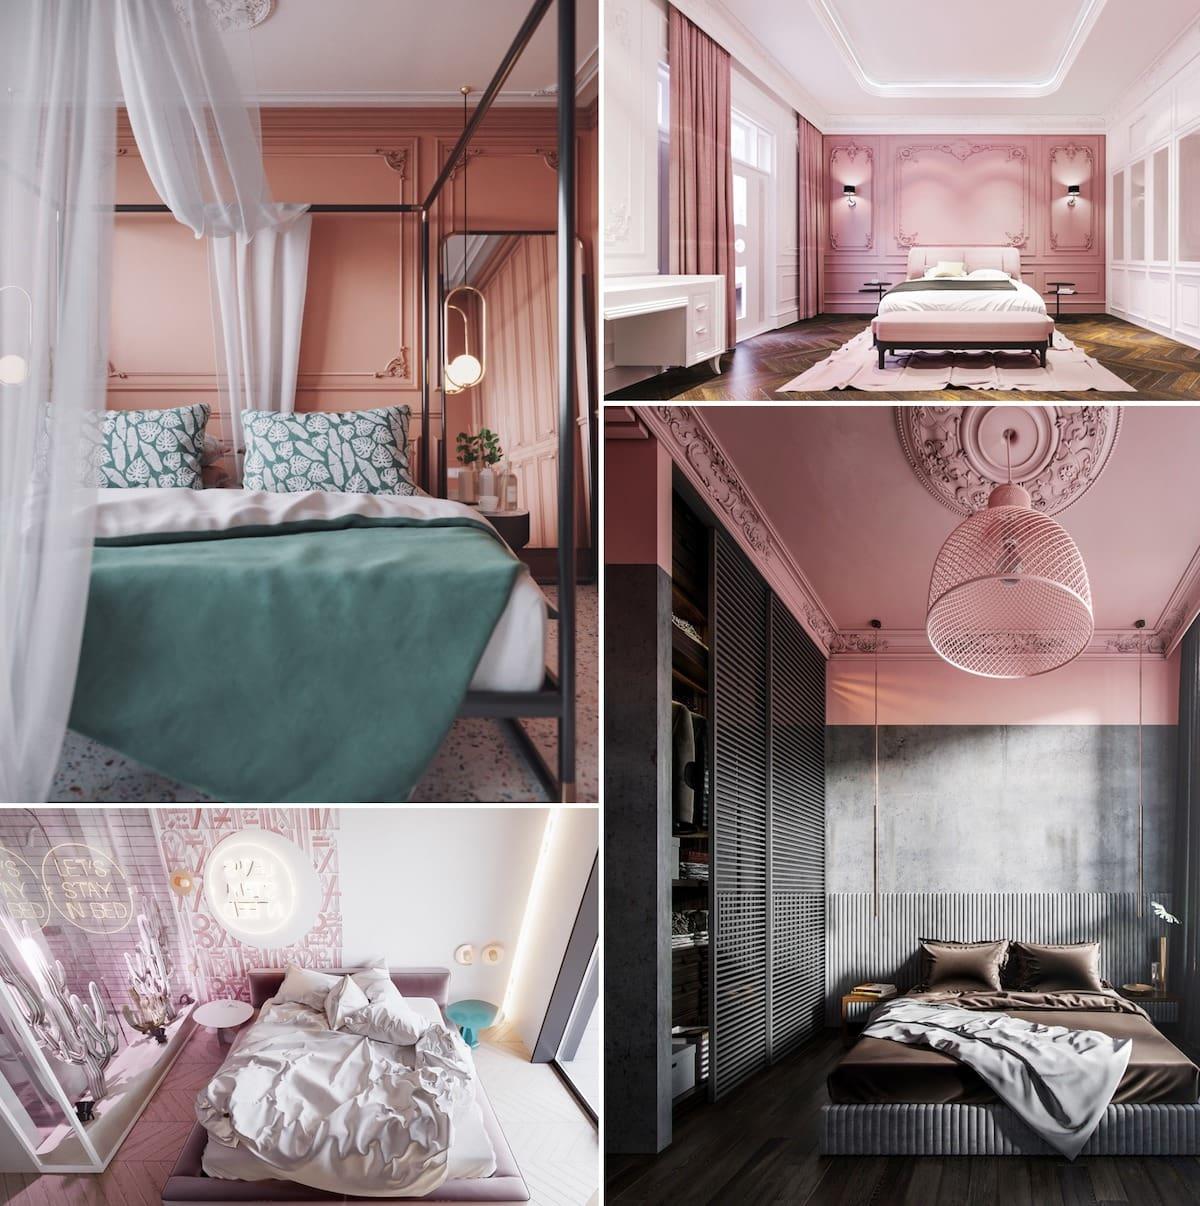 Les belles chambres à coucher en rose sont la tendance de cette année